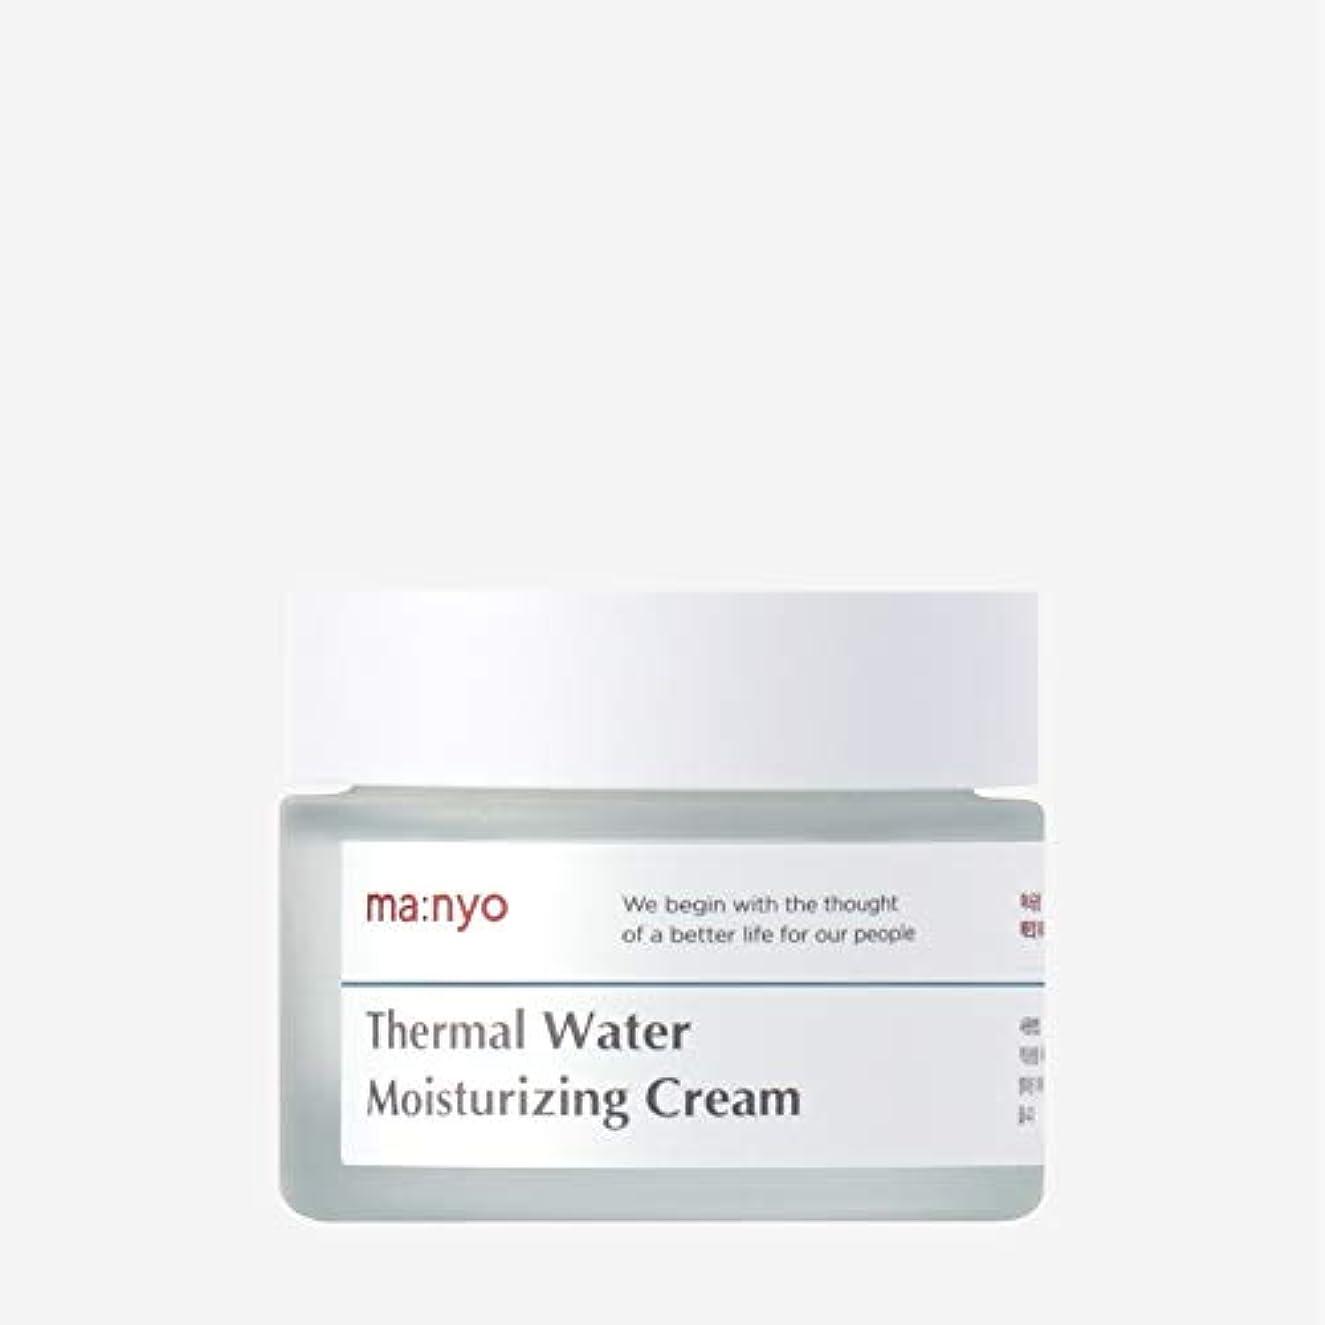 退却裂け目コメント魔女工場(Manyo Factory) 温泉水ミネラルクリーム 50ml / 天然ミネラル、チェコ温泉水67%で保湿補充